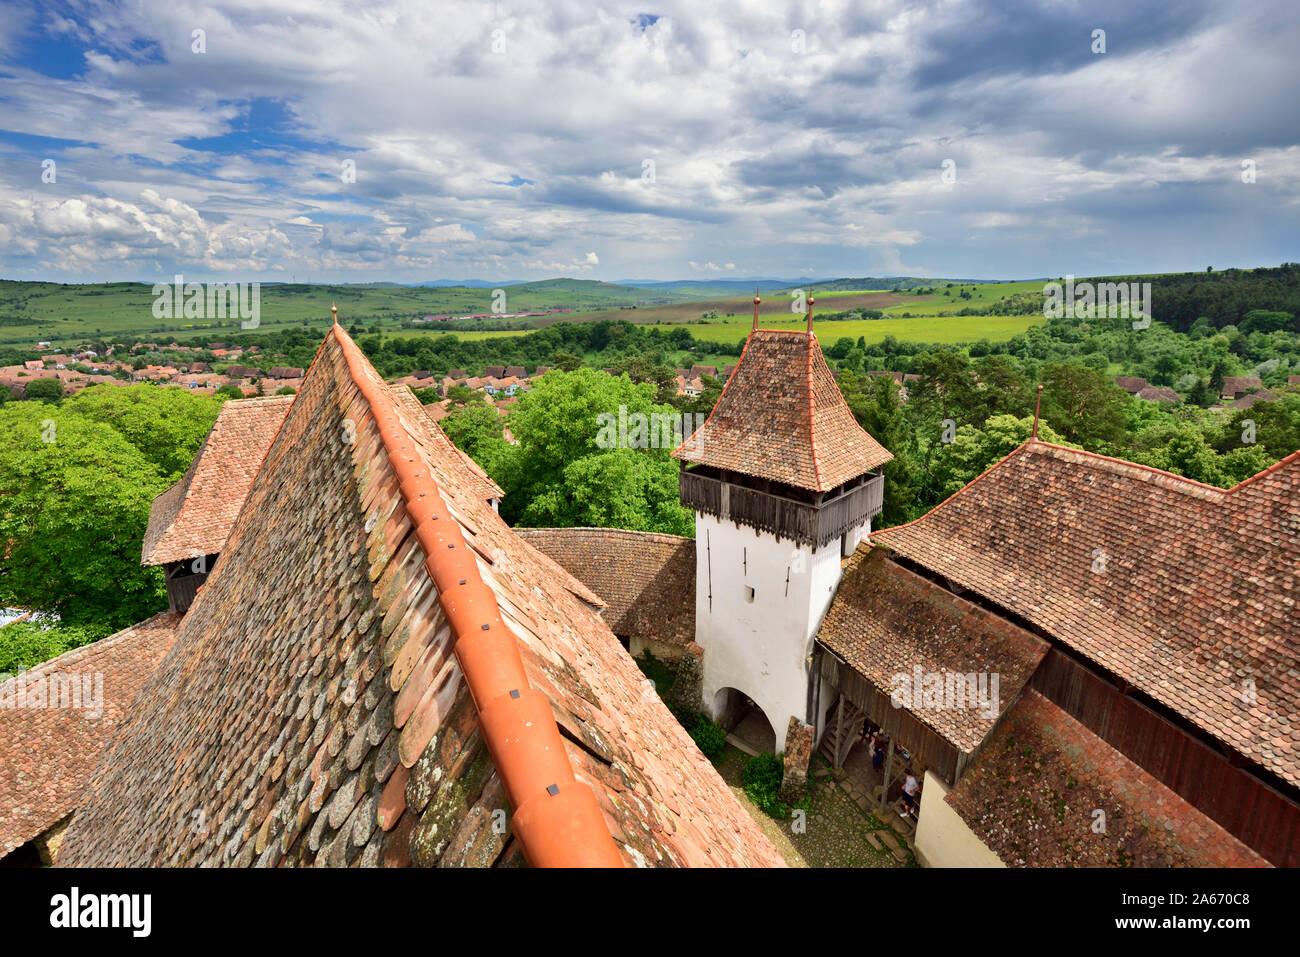 L'église fortifiée de Viscri a été construit par les Saxons de Transylvanie en communauté Viscri au 13e siècle. C'est un site du patrimoine mondial de l'UNESCO. Le comté de Brasov, en Transylvanie, Roumanie Banque D'Images